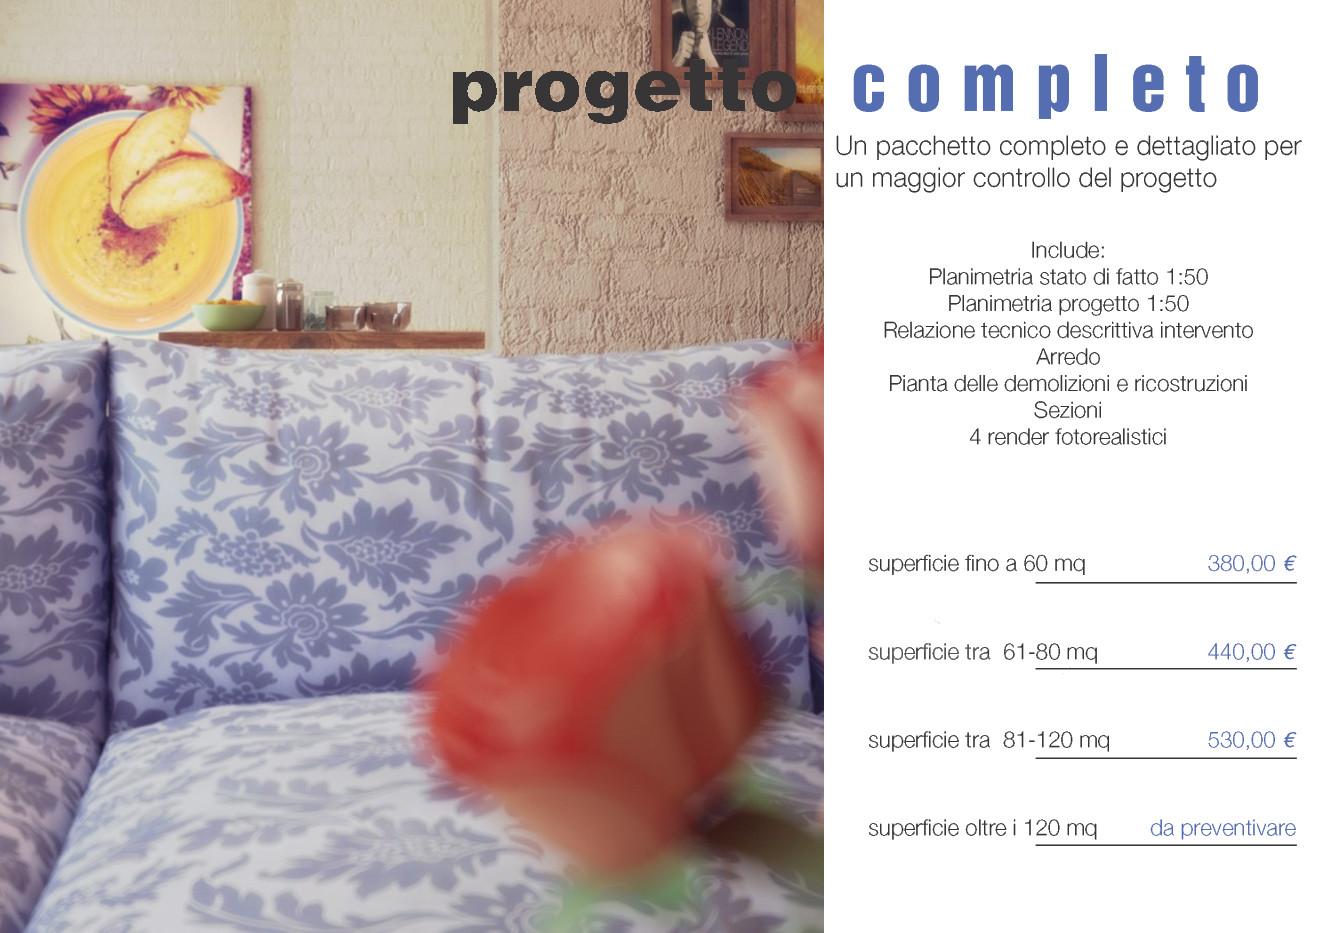 progetto_completo